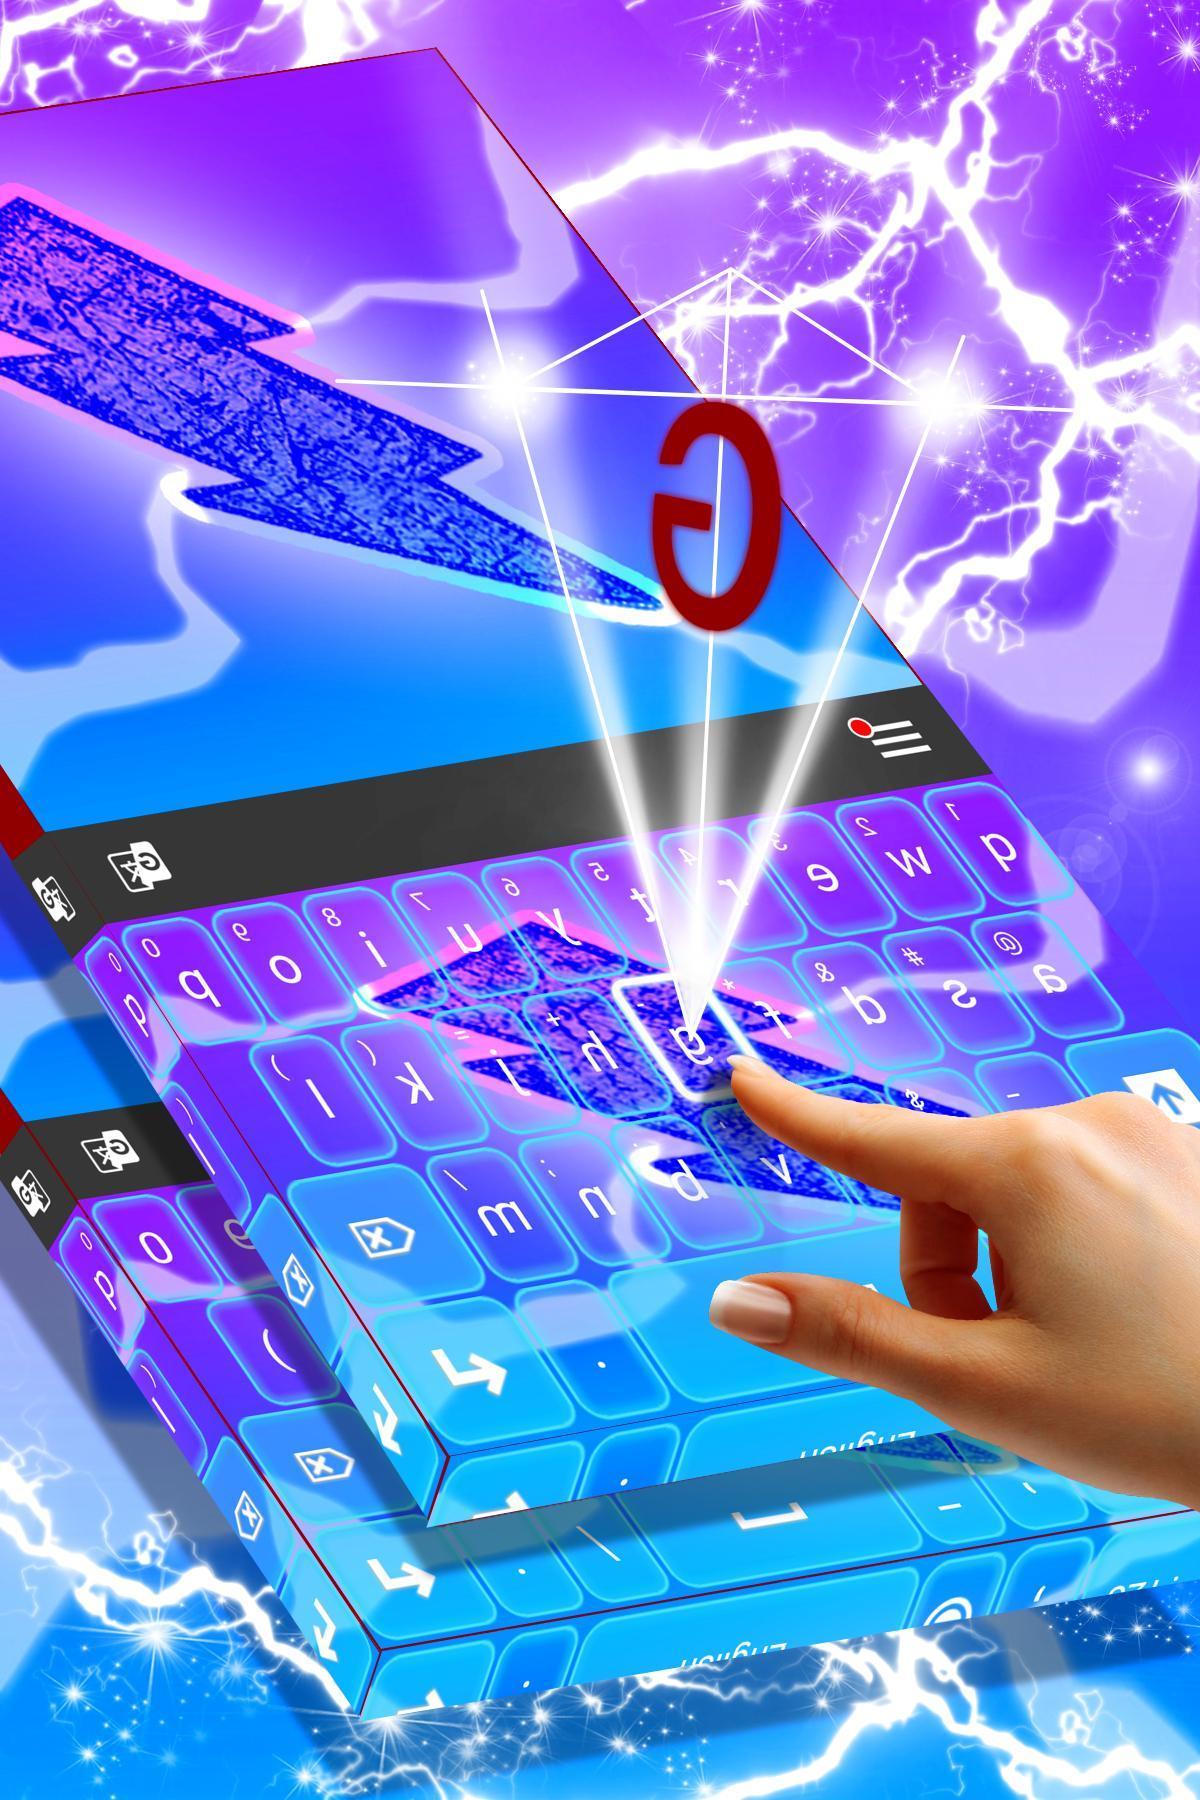 Flash Theme For Keyboard 2018 screenshot 3